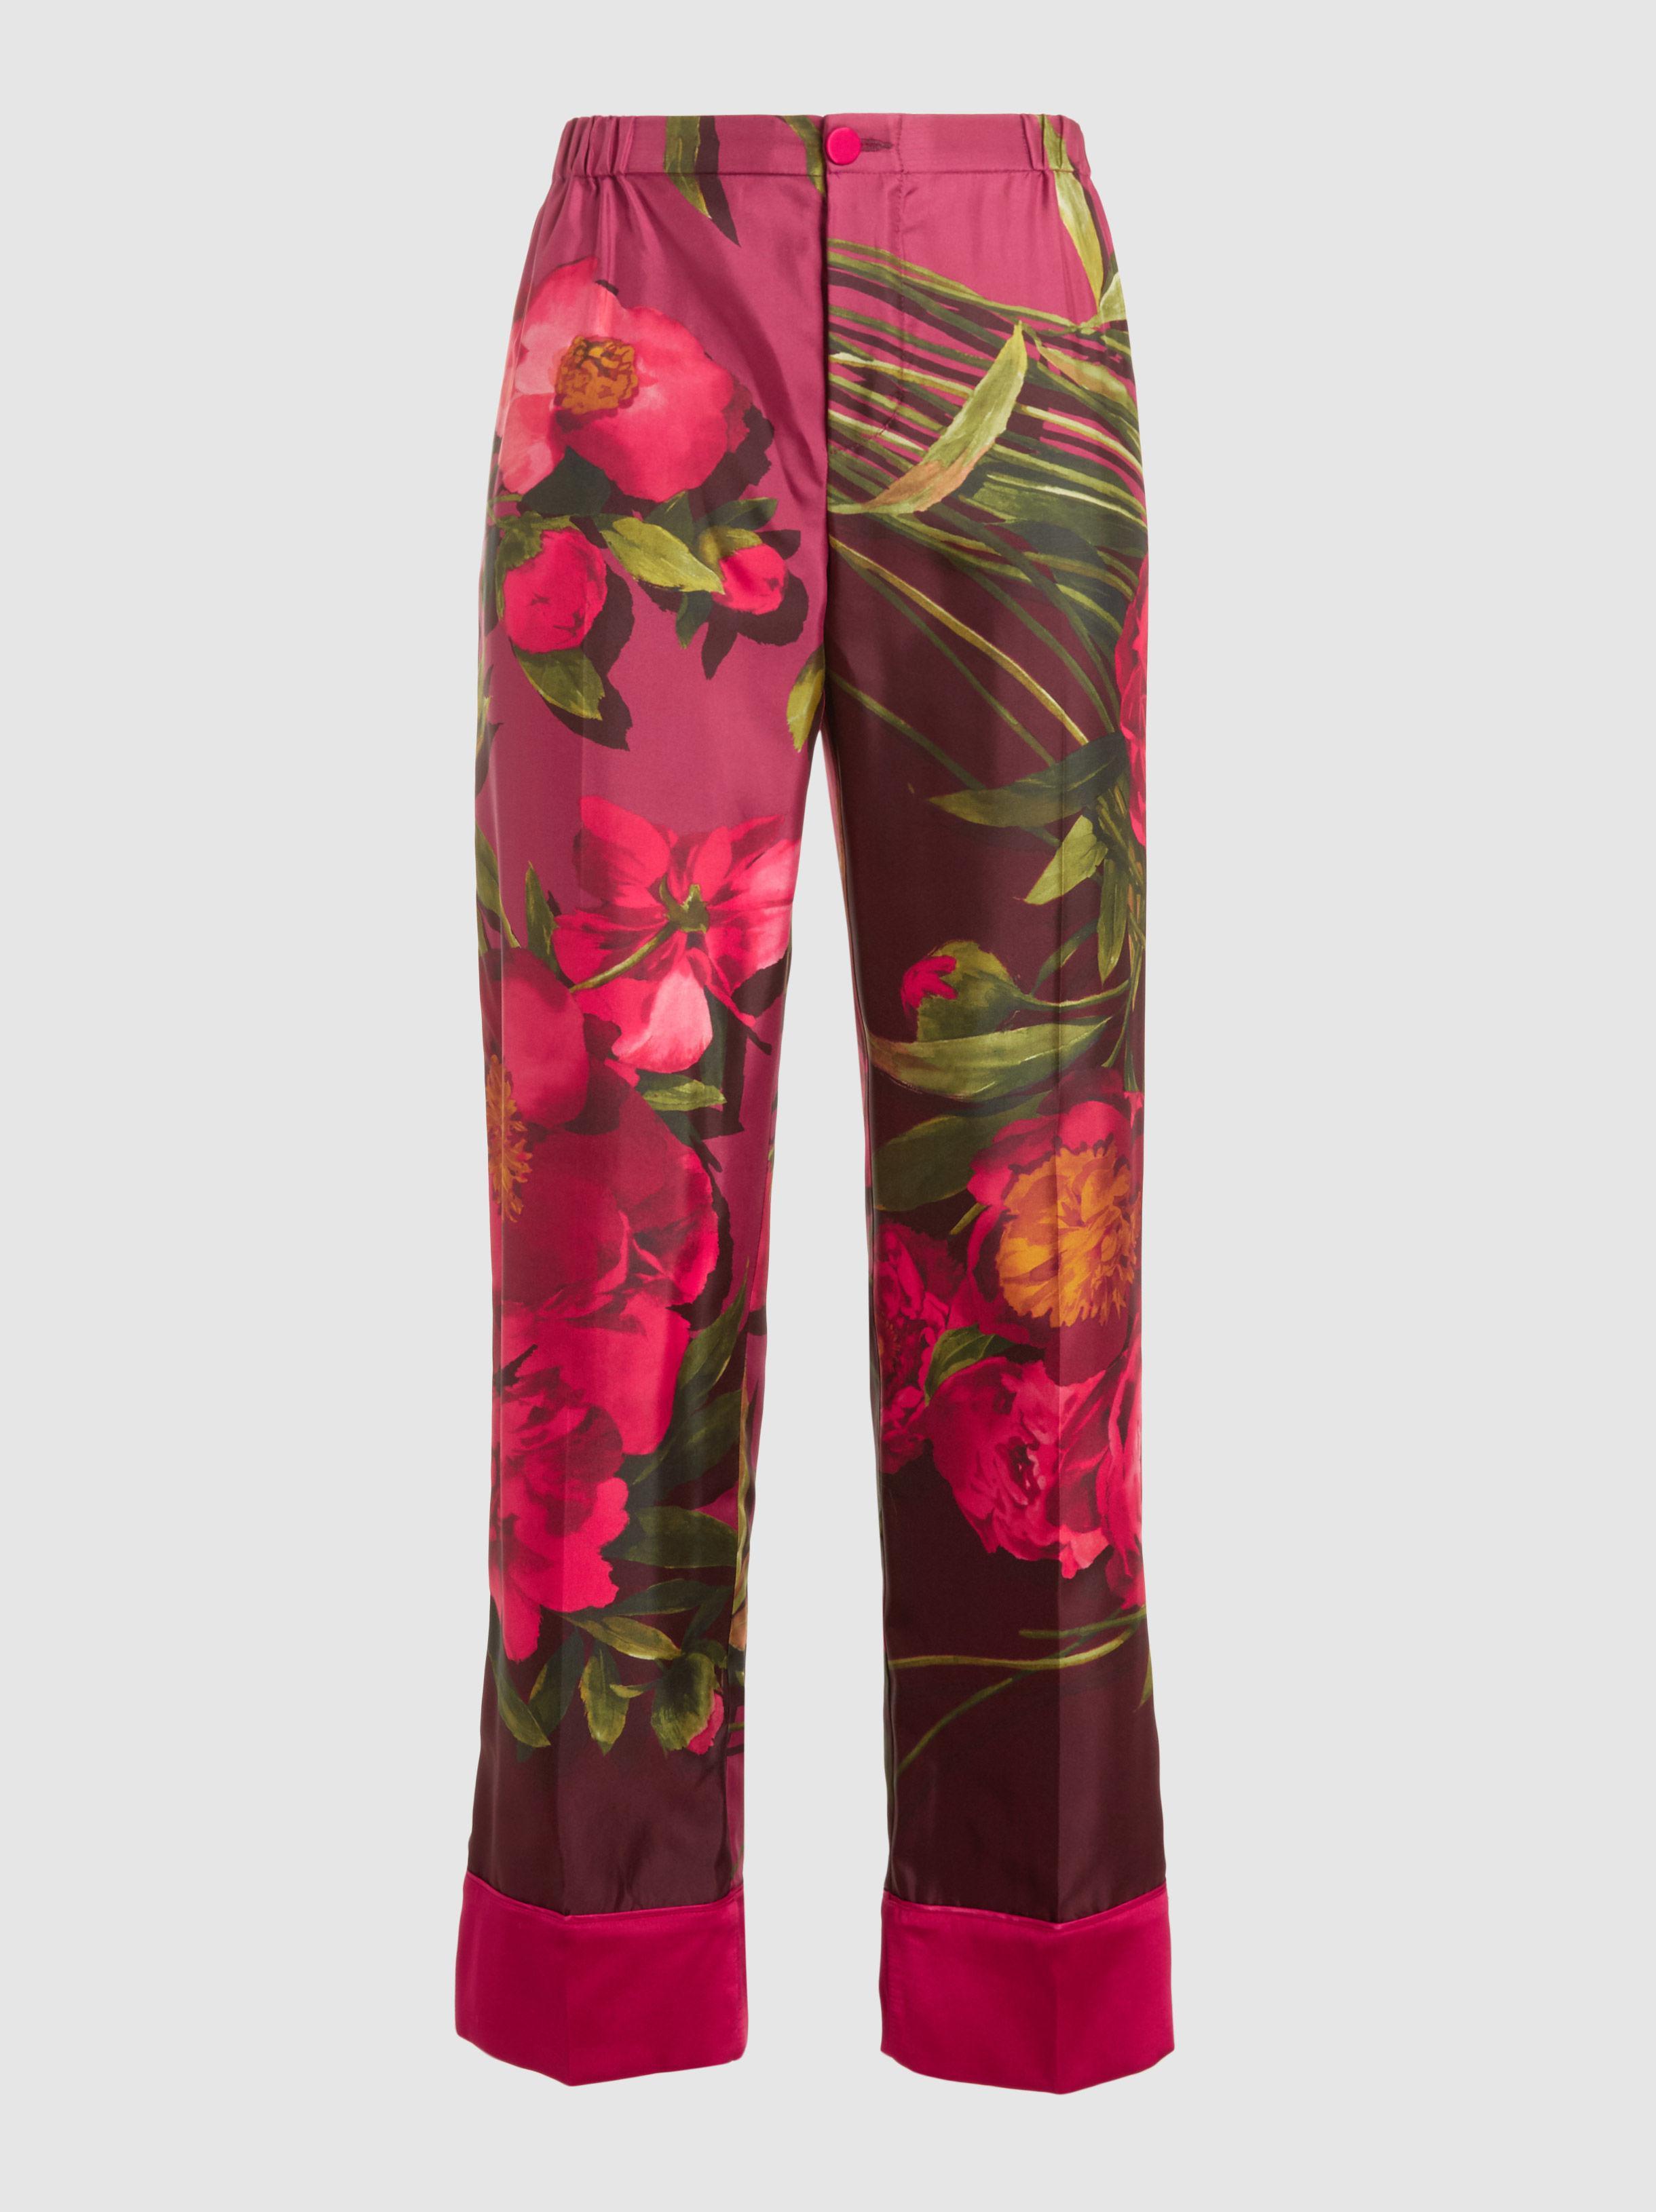 Etere V Pantalons Floraux Frs Pour Traverses Sans Repos Wj9Ne